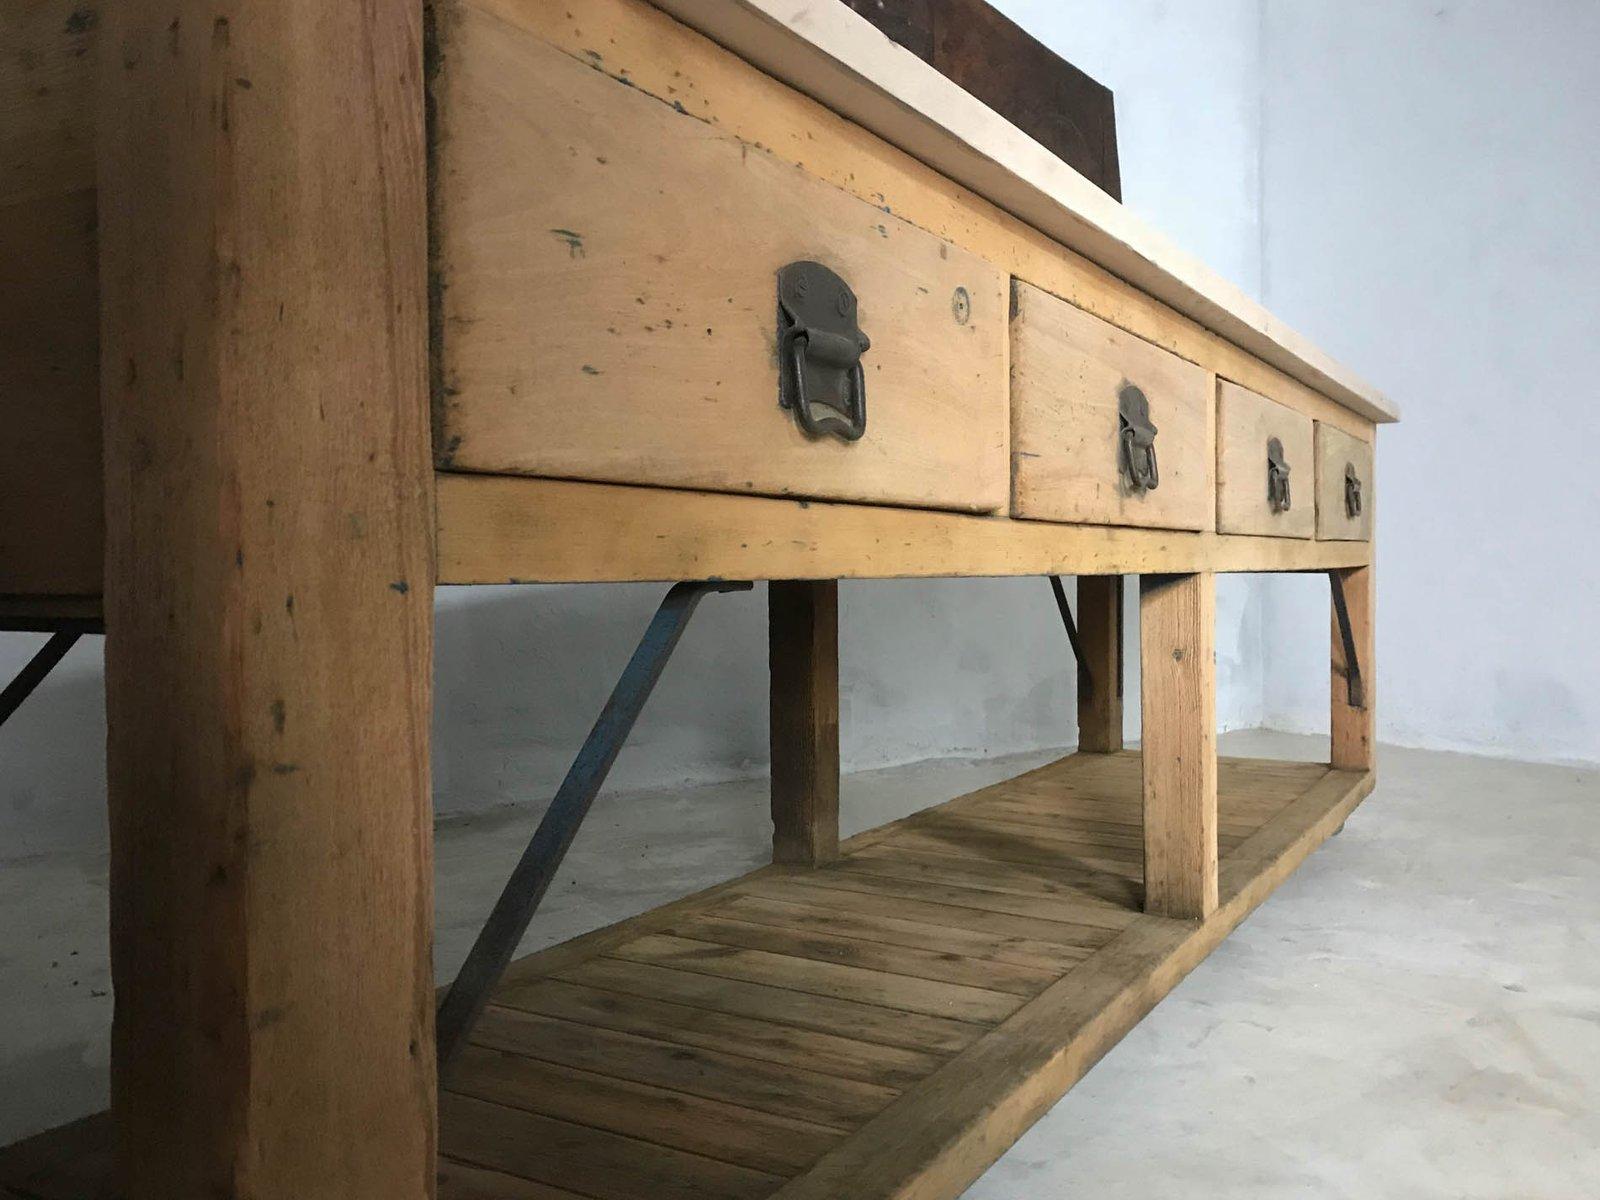 Isla de cocina y mesa de amasado vintage de haya y pino en venta en ...